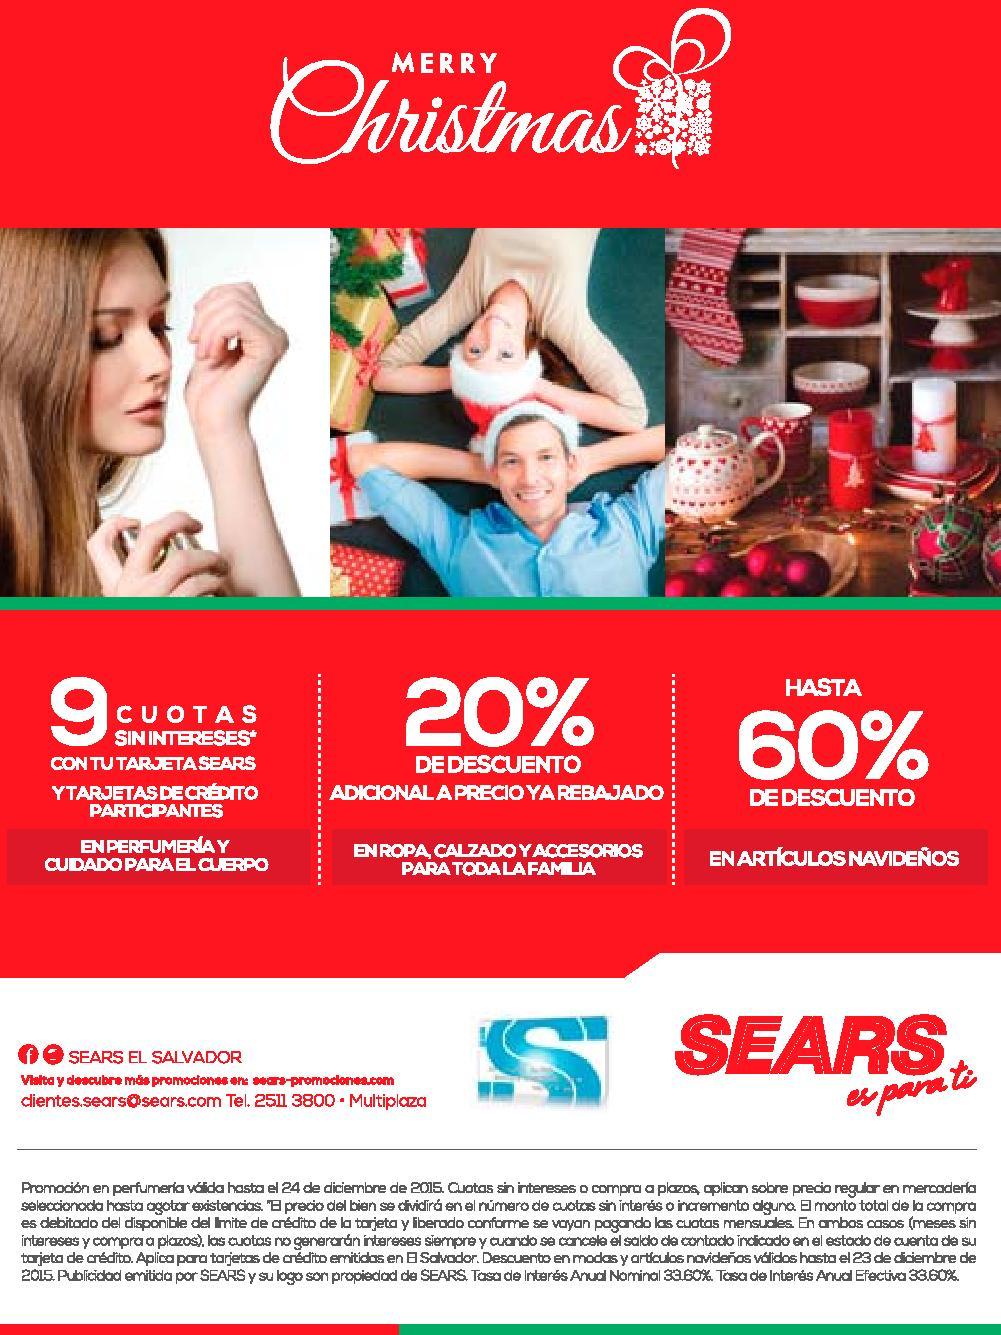 Descuentos SEARS el salvador for merry christmas 2015